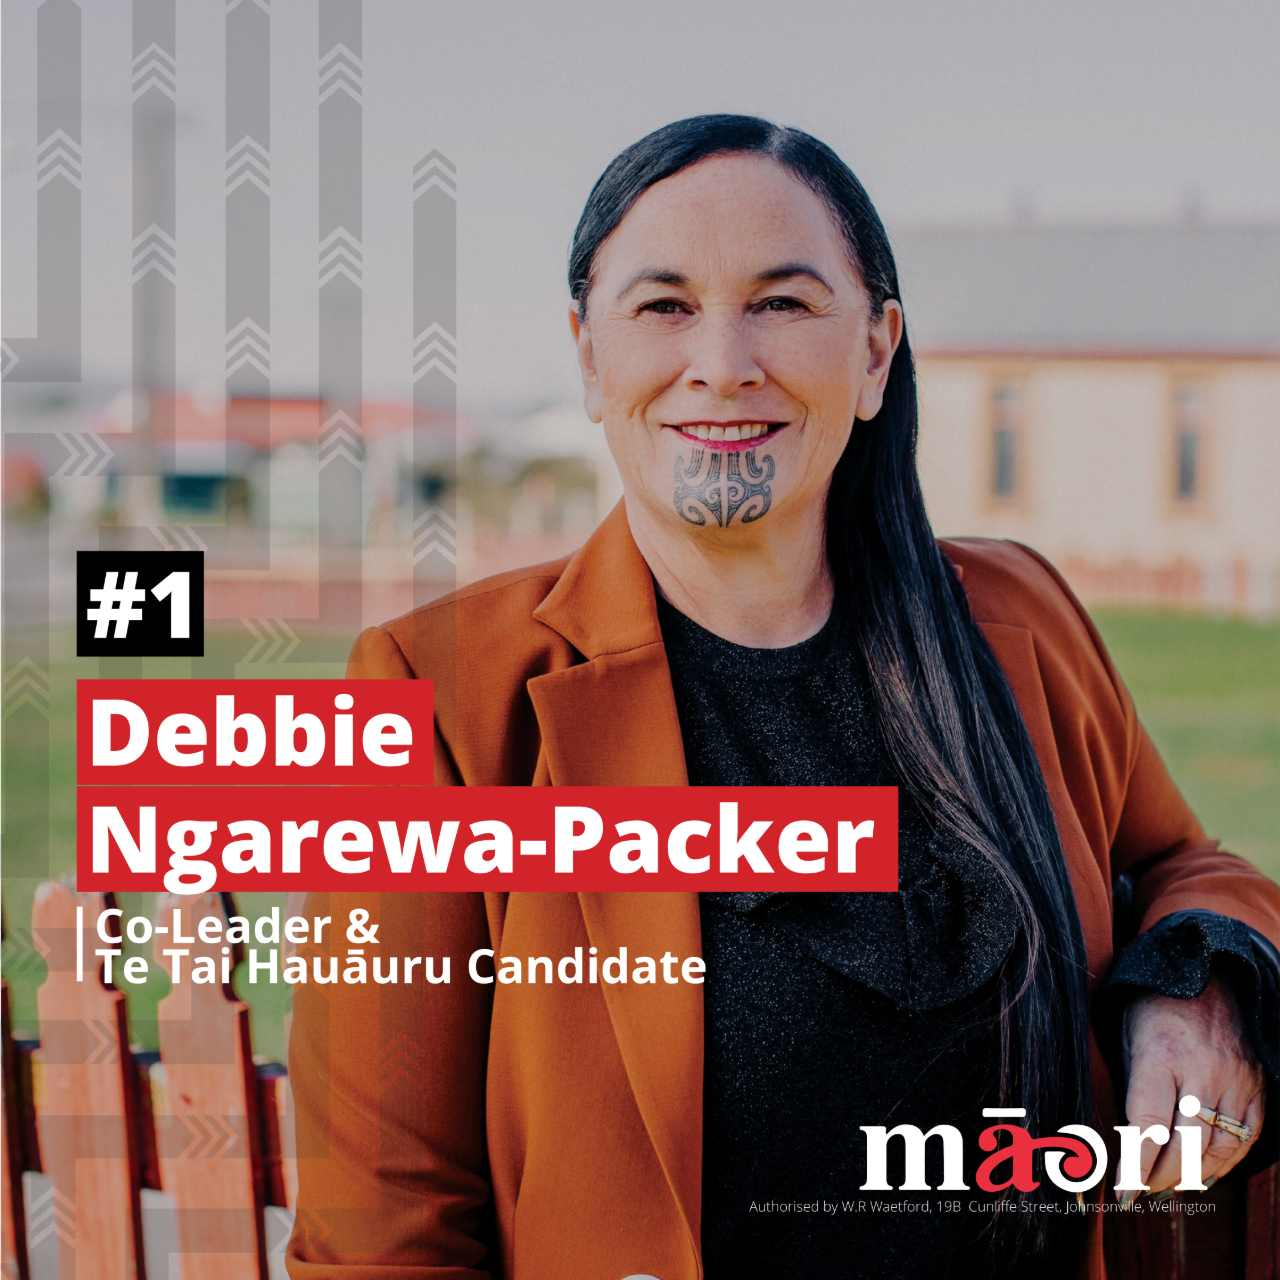 Debbie Ngarewa-Packer, Co-Leader and Te Tai Hauāuru Candidate